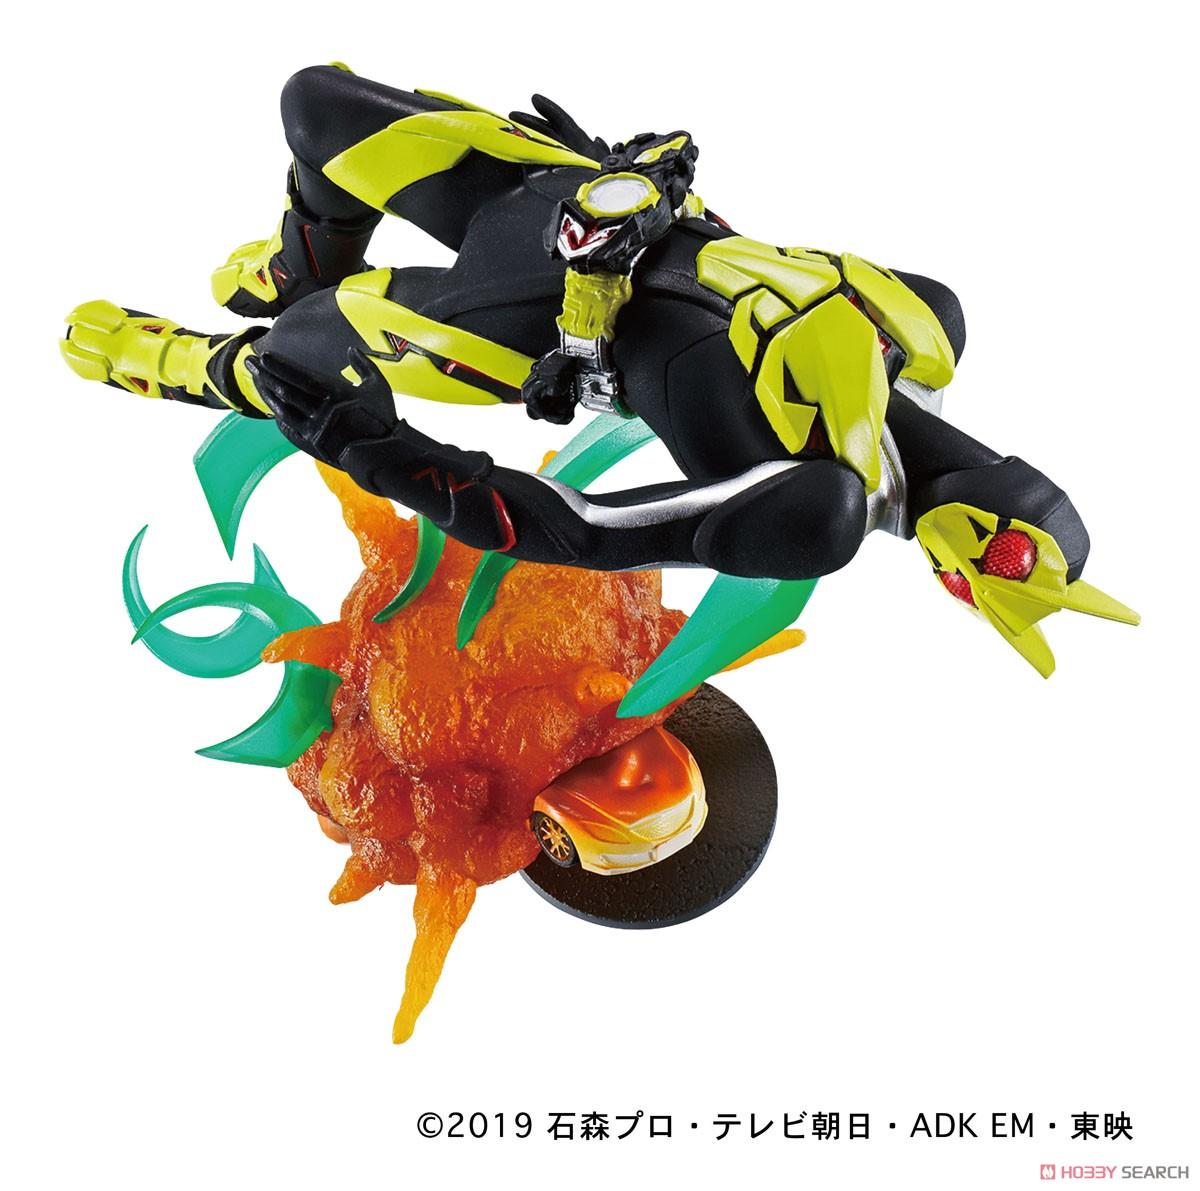 プチラマシリーズ『仮面ライダー Legend Rider Memories』4個入りBOX-004